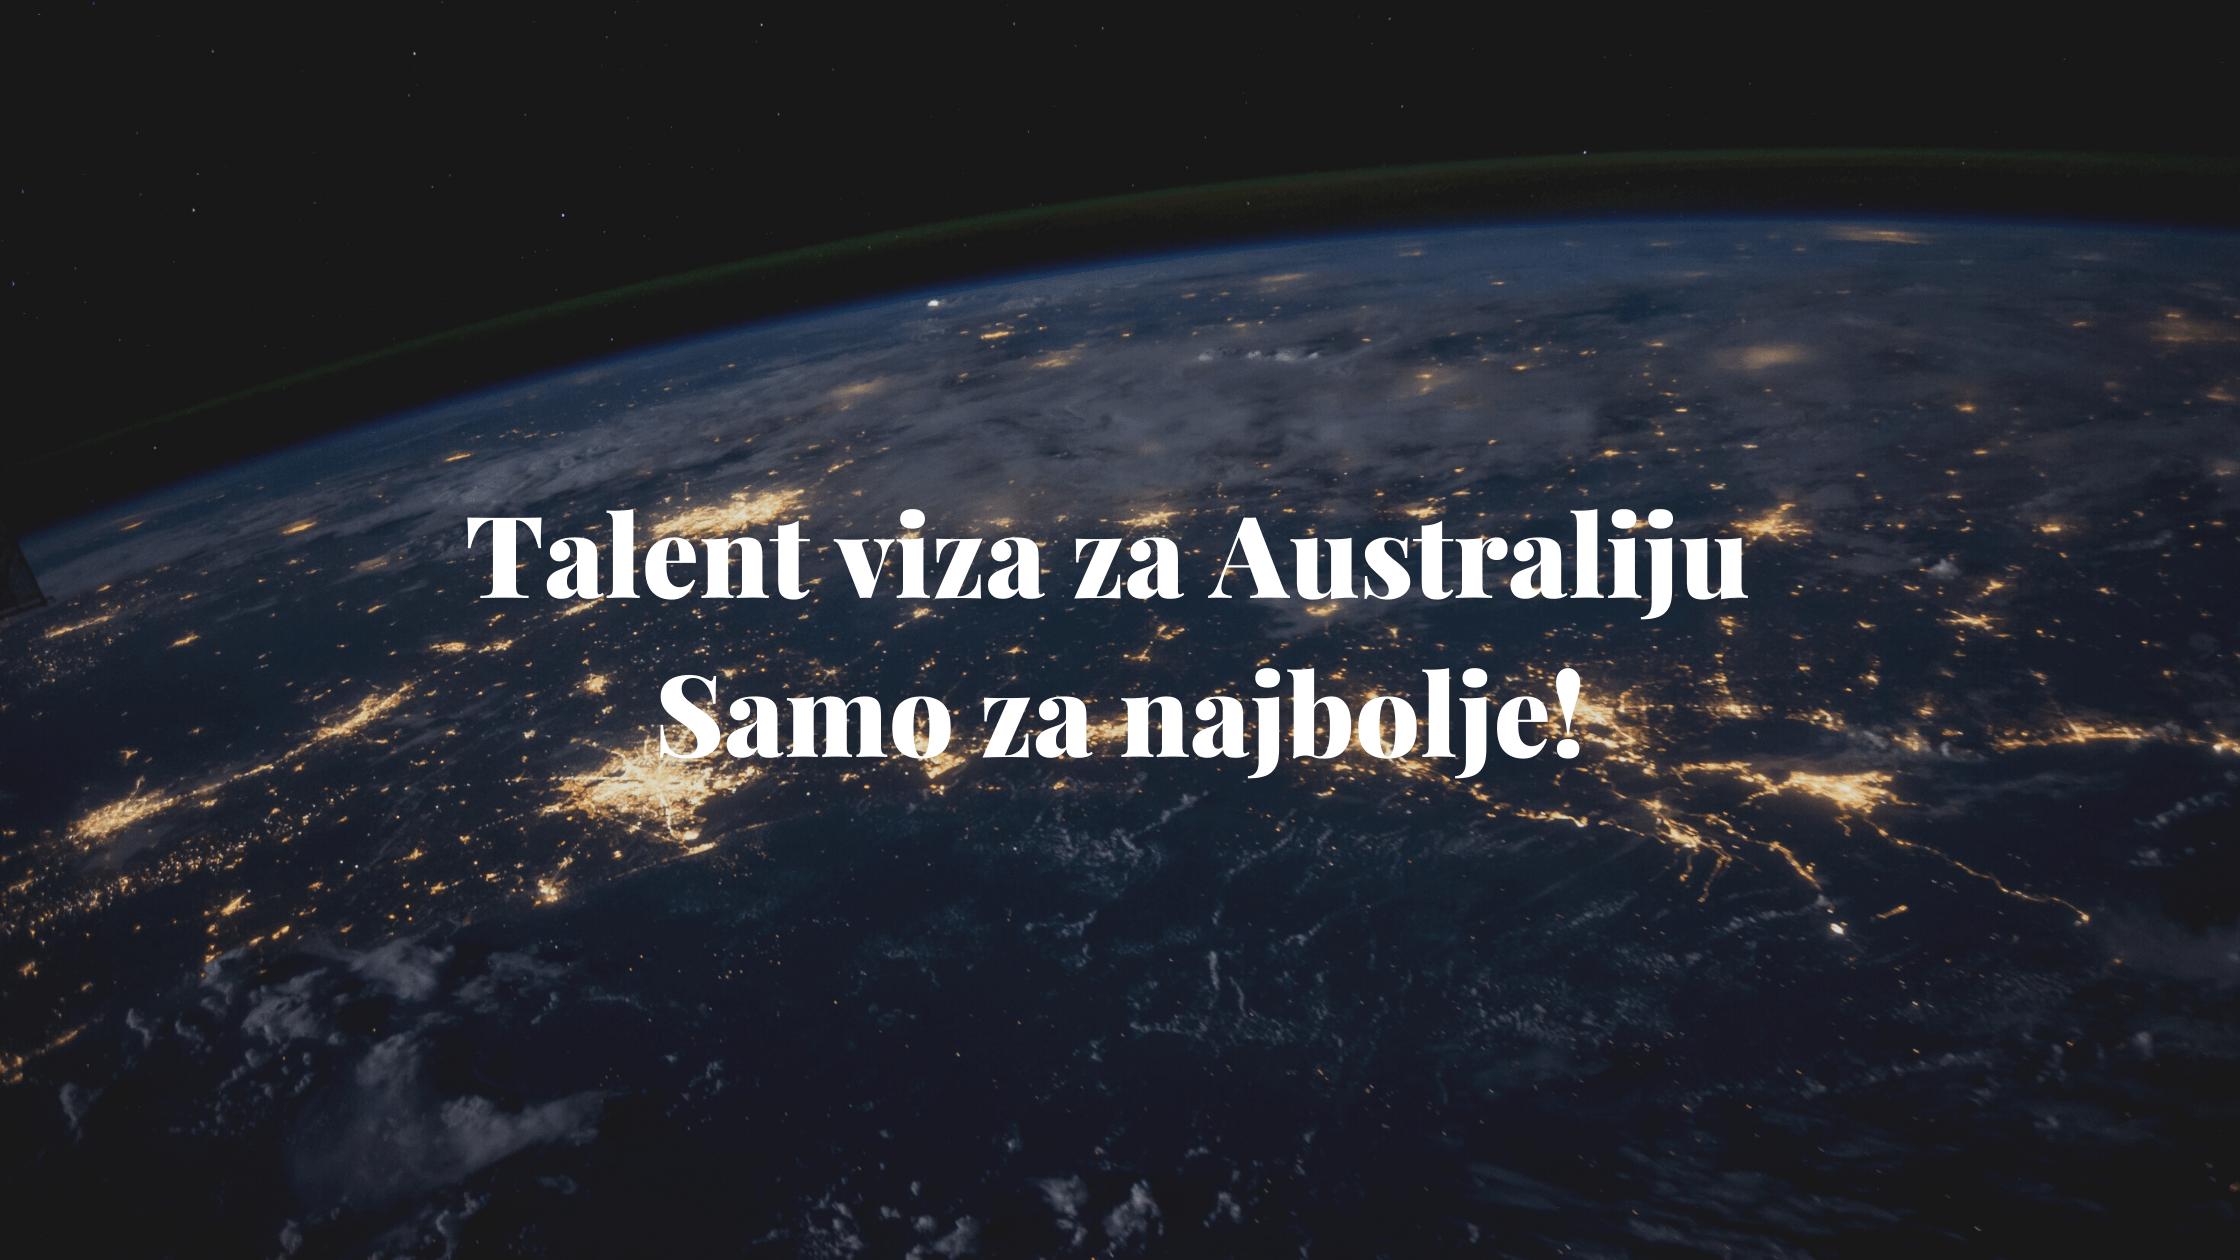 Talent viza za Australiju - Samo za najbolje! 2